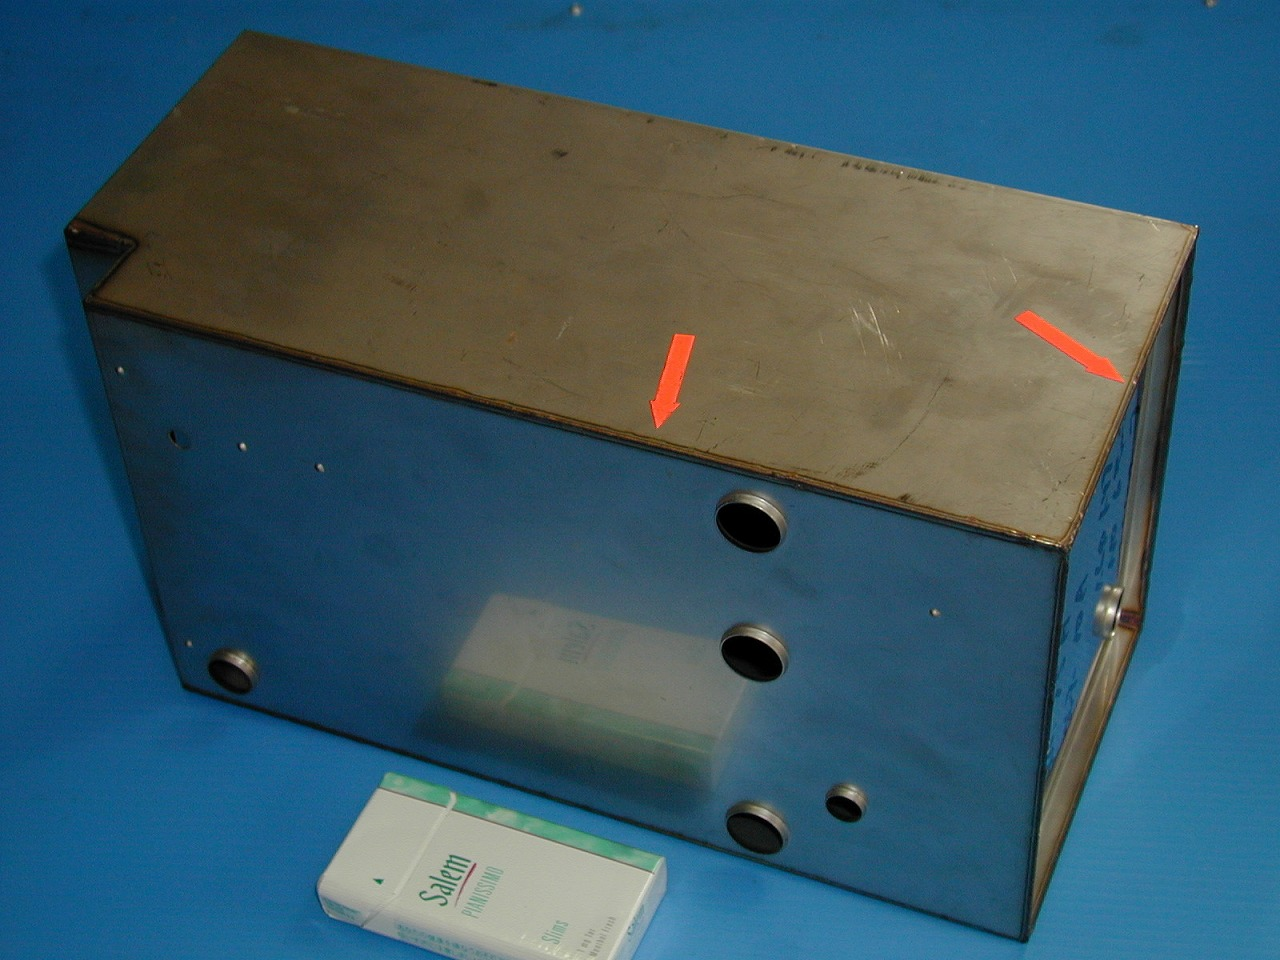 マクドナルド用ジュースタンクの全周溶接(Tig溶接)